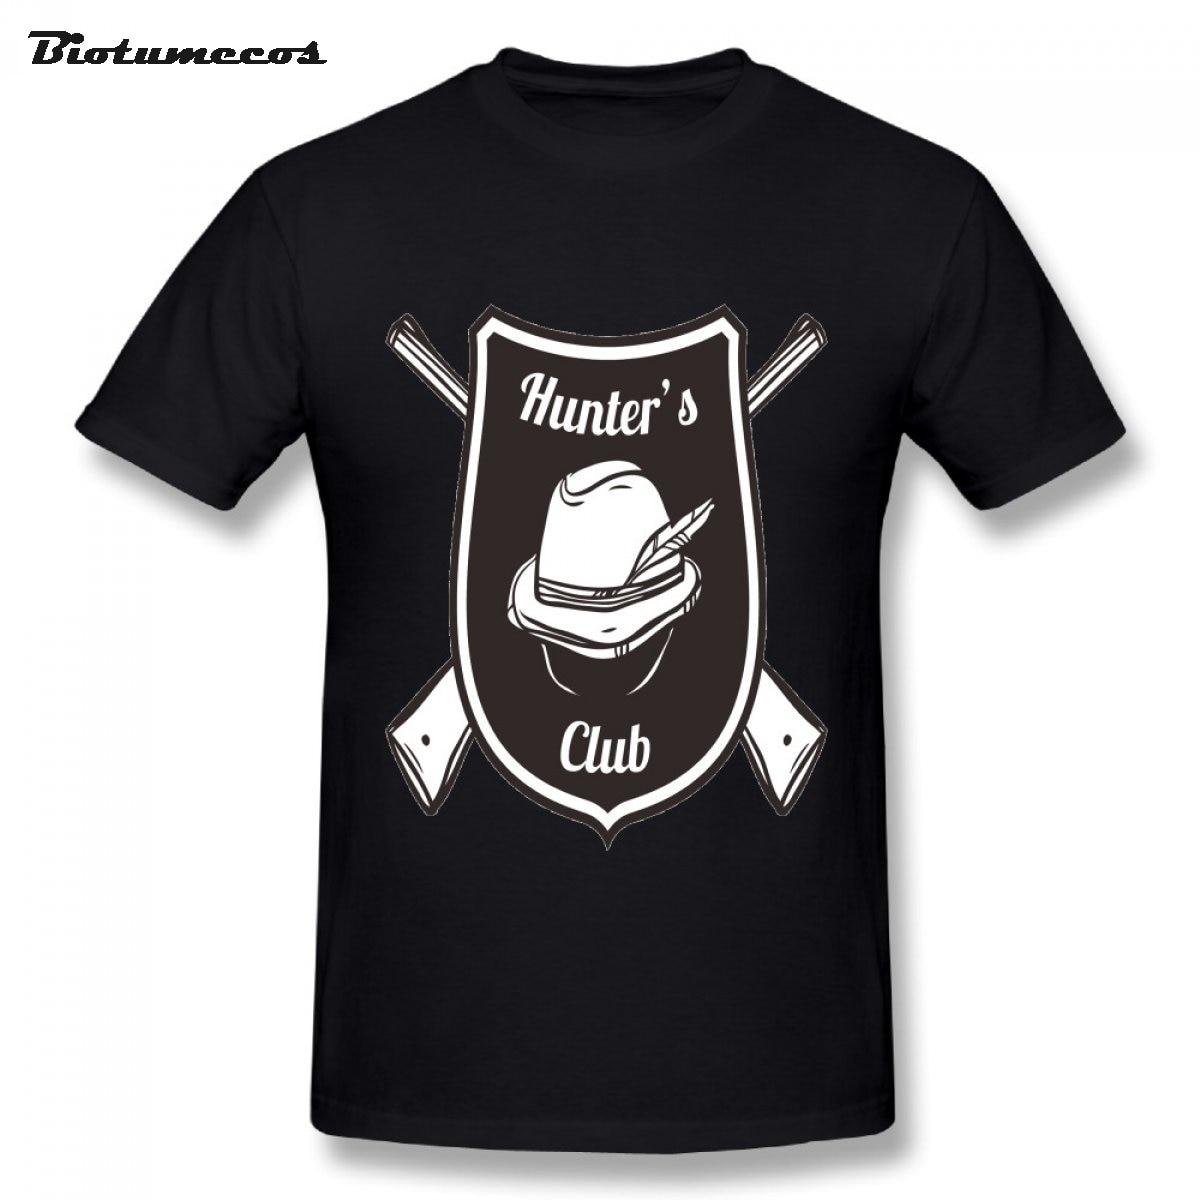 Охотник Club логотип с охотника hat взрослых teenboys Футболки 100% хлопок короткий рукав Футболки Верхняя часть одежды для мужчин MTWQ088